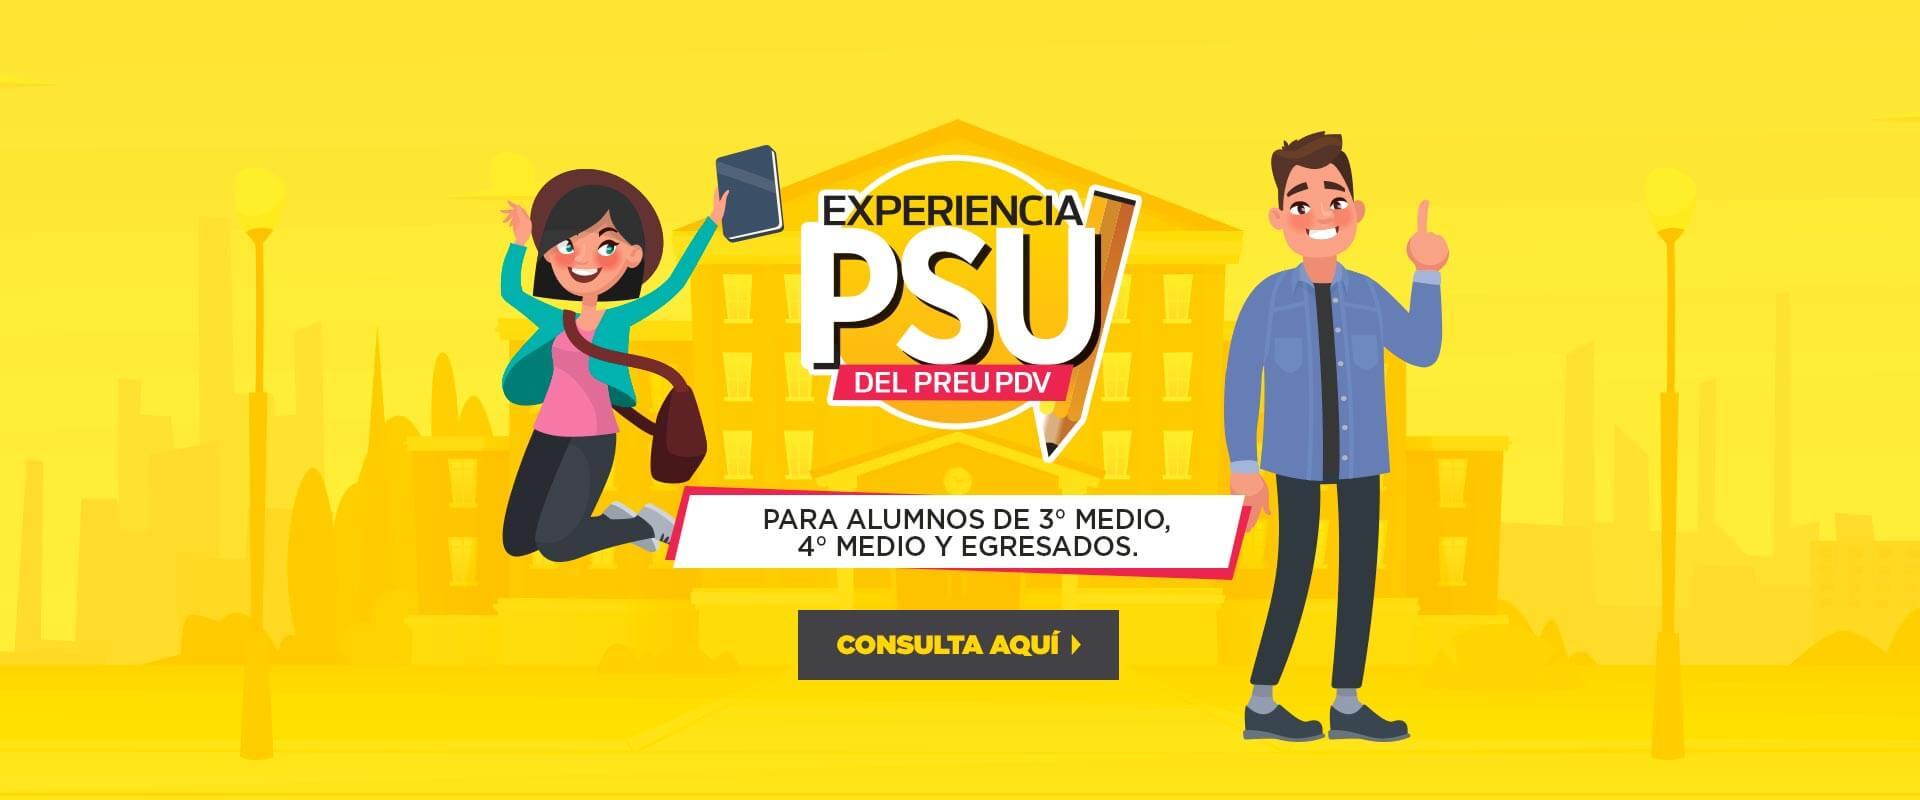 Experiencia PSU - Preuniversitario Pedro de Valdivia